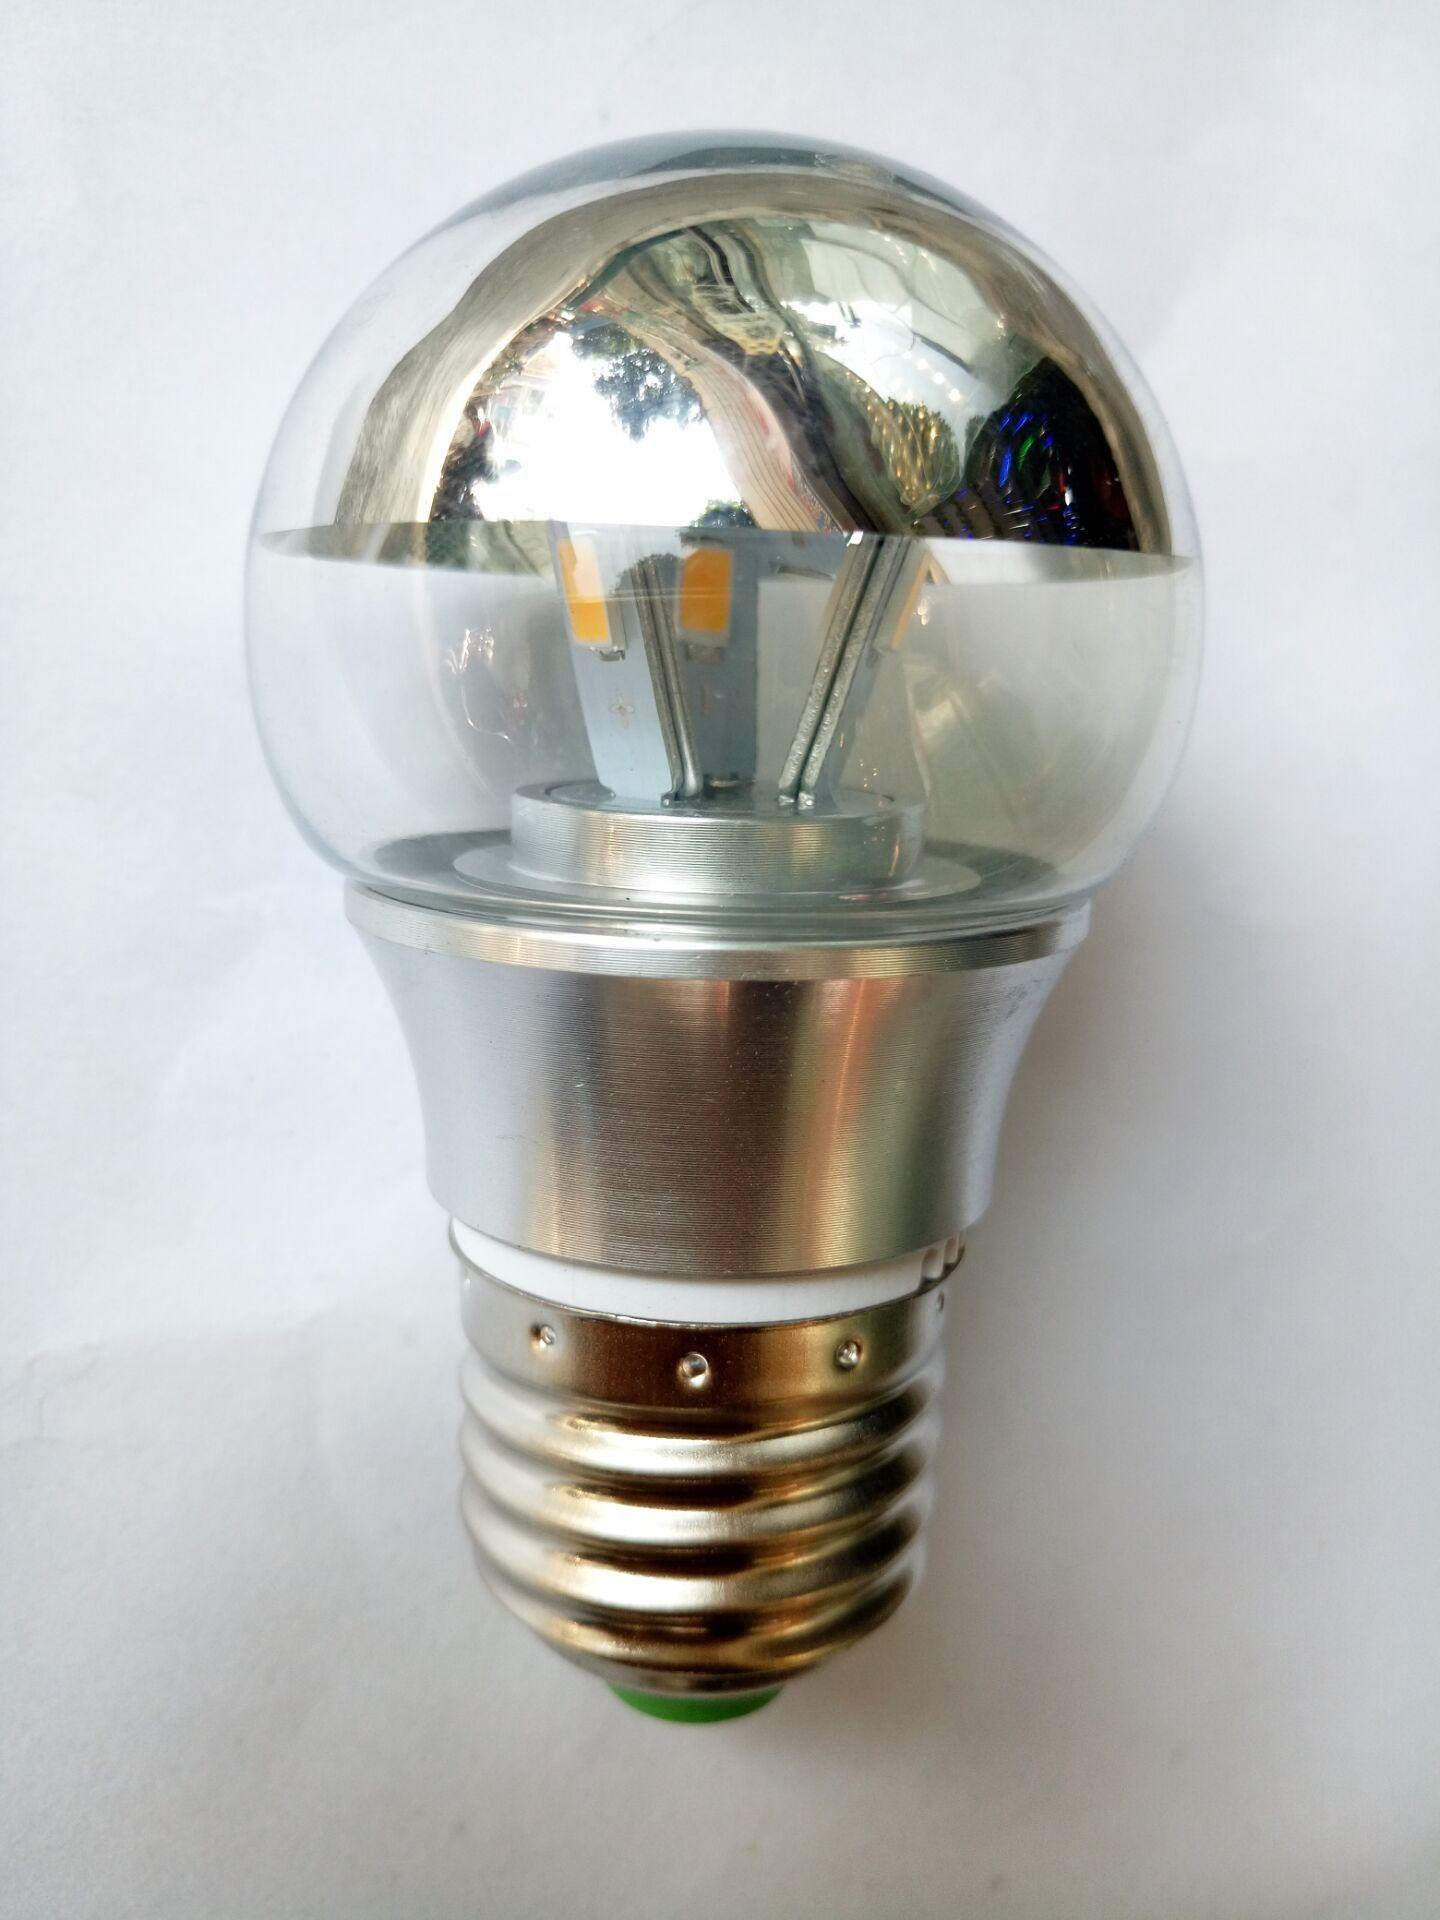 Modo 5w Blanche G45 Jason 3w Pour Led Droplight Top Moitié Miller Lustre Chrome Chaude Ampoule E27 Lumière v8mONn0w